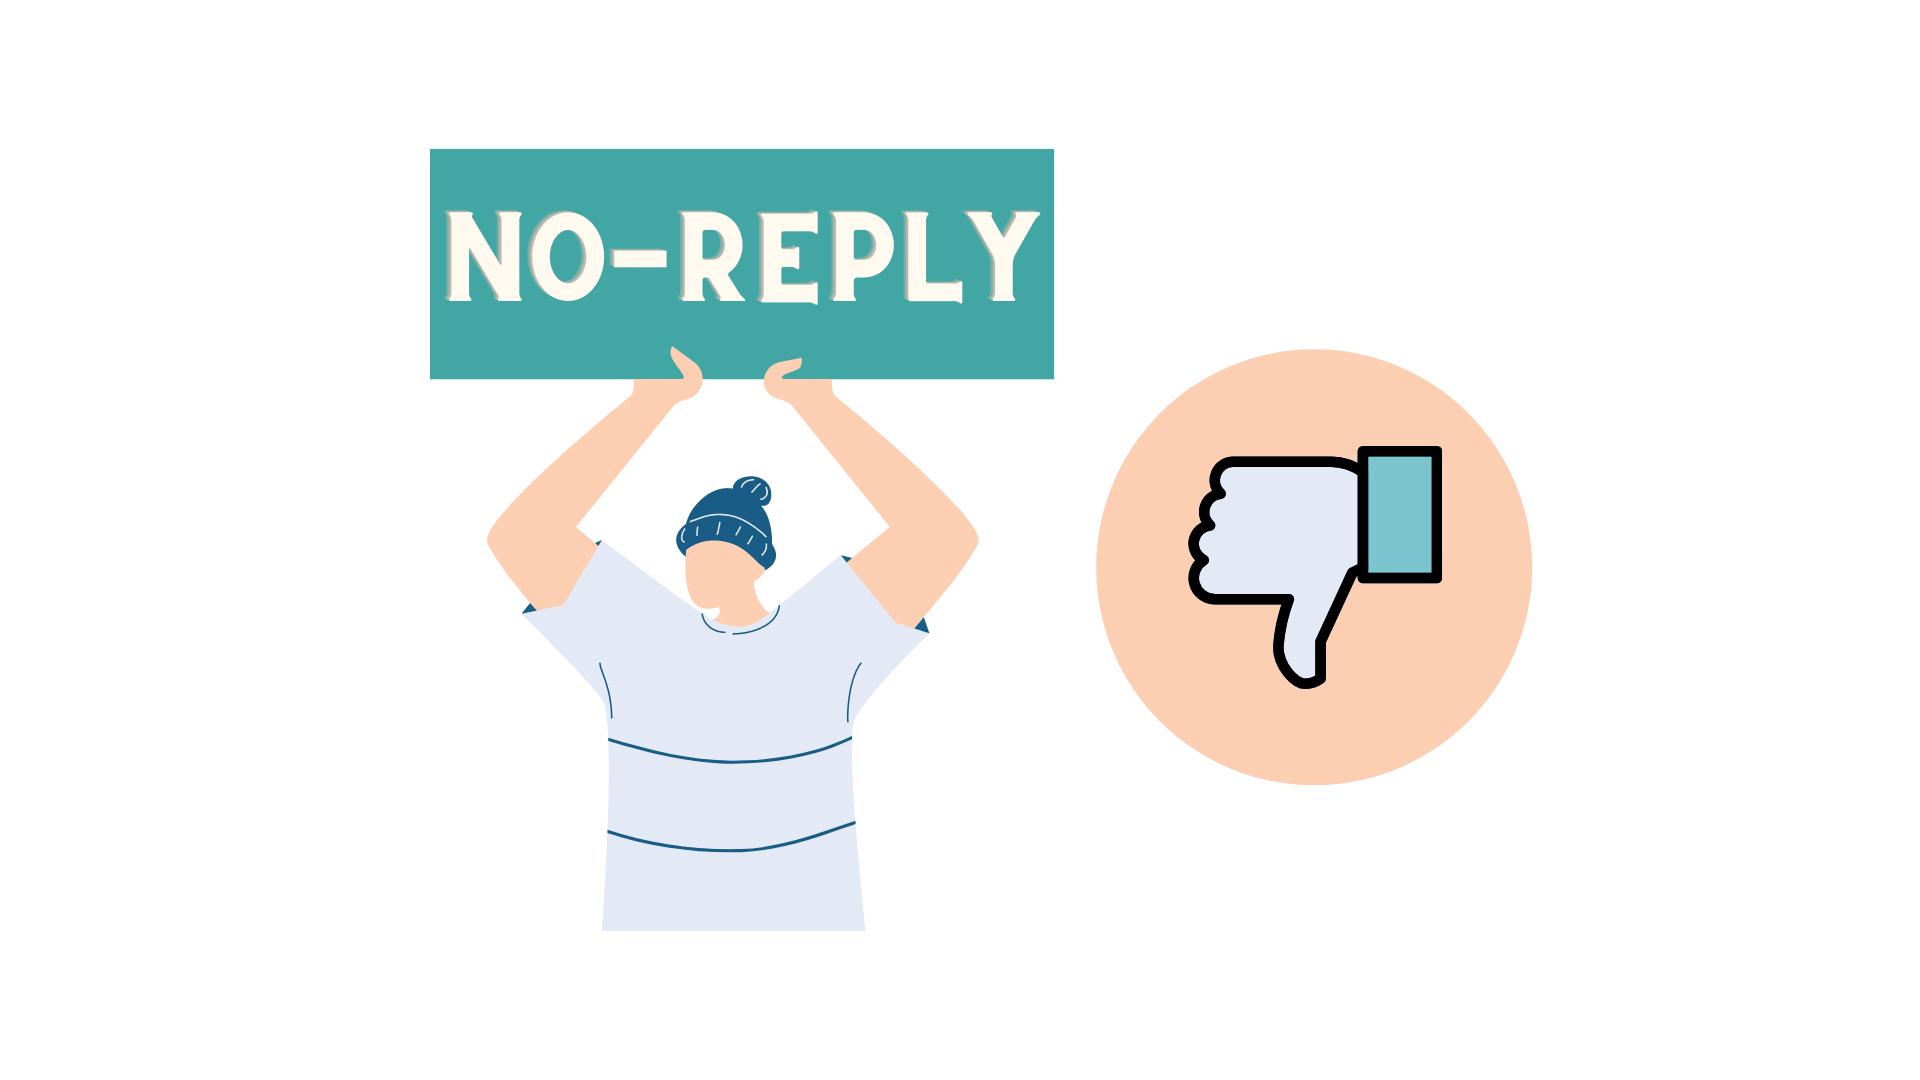 Di NO al no-reply